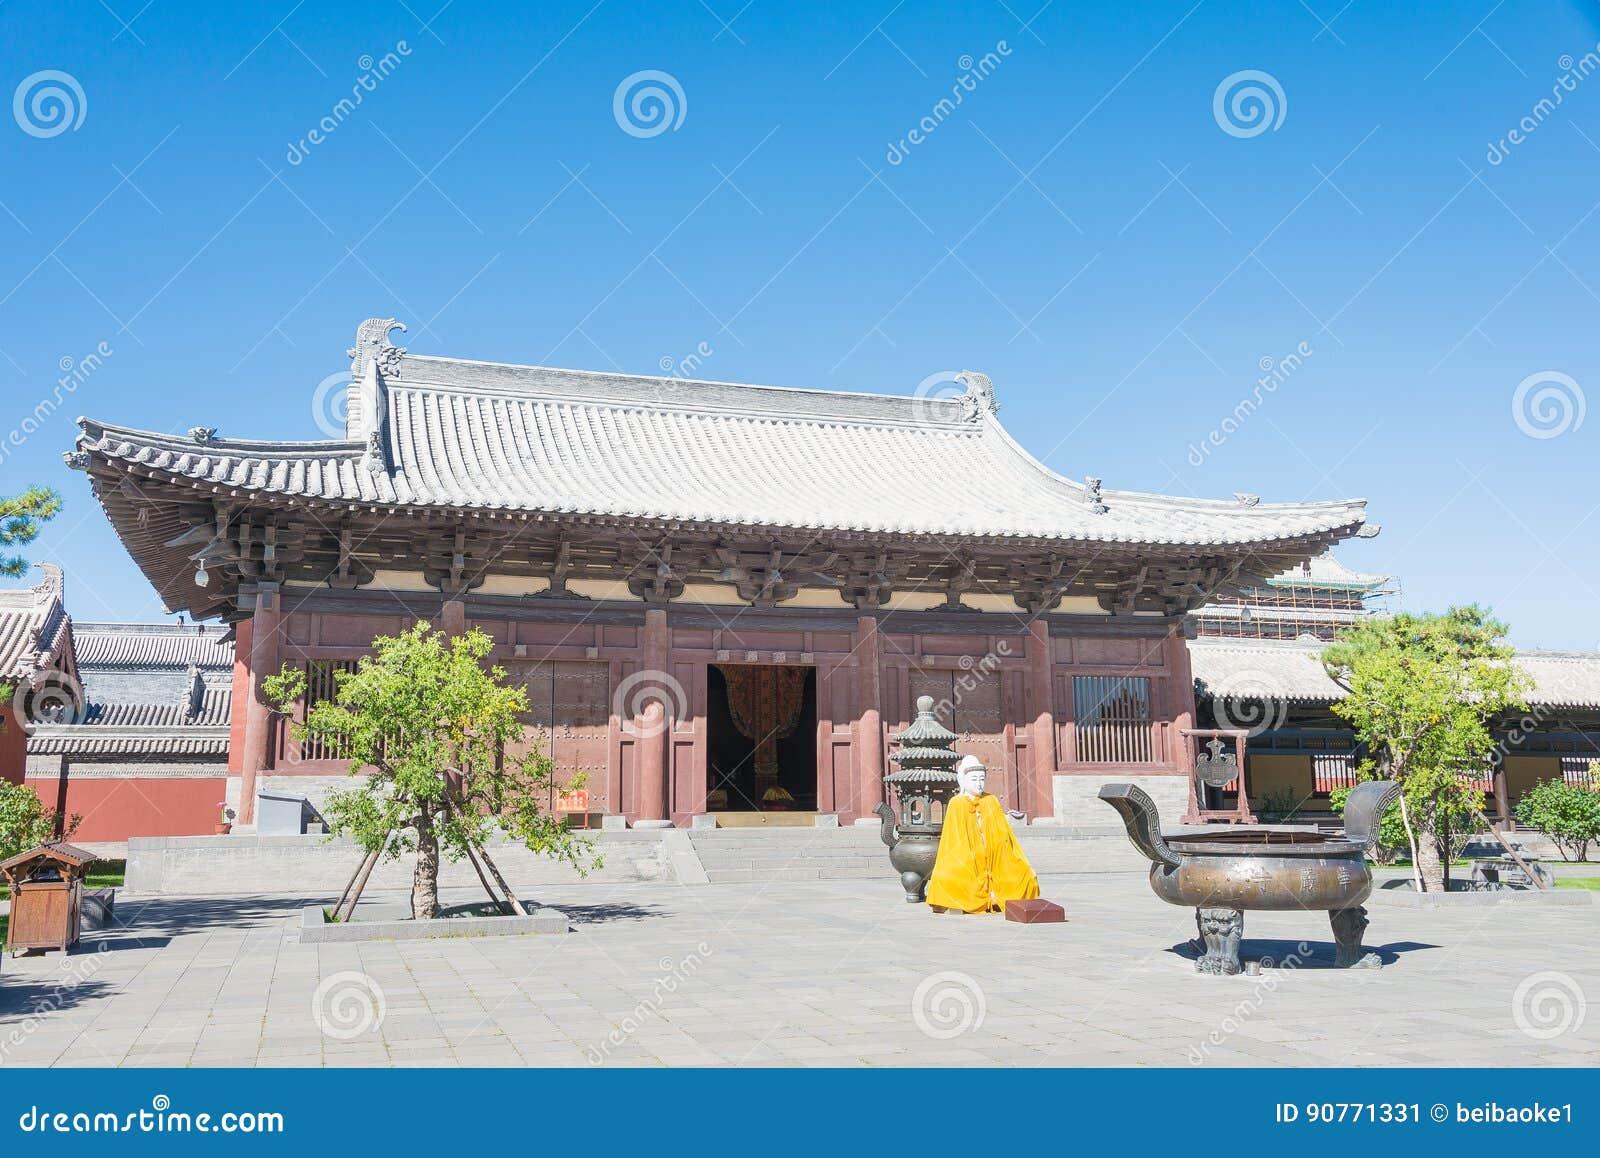 SHANXI, CINA - il 25 settembre 2015: Tempio di Huayan uno storico famoso